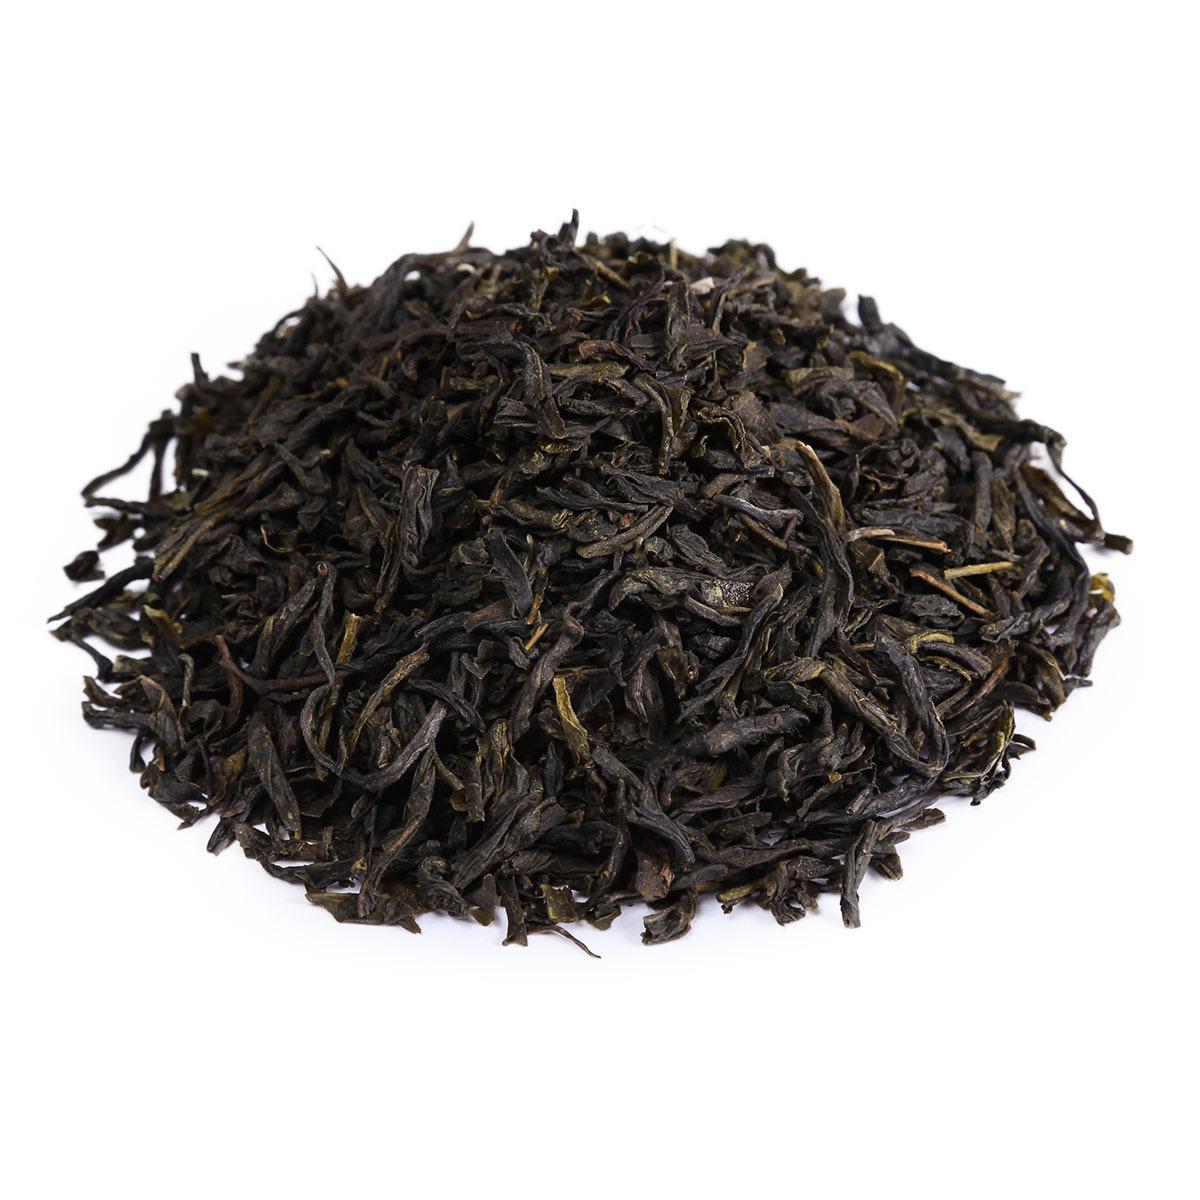 Фото - Чай листовой Первая Чайная Компания Хуан Шань Маофэн, зеленый, 100 г гонг юань хуан шань мао фэн грин чай чай 160г